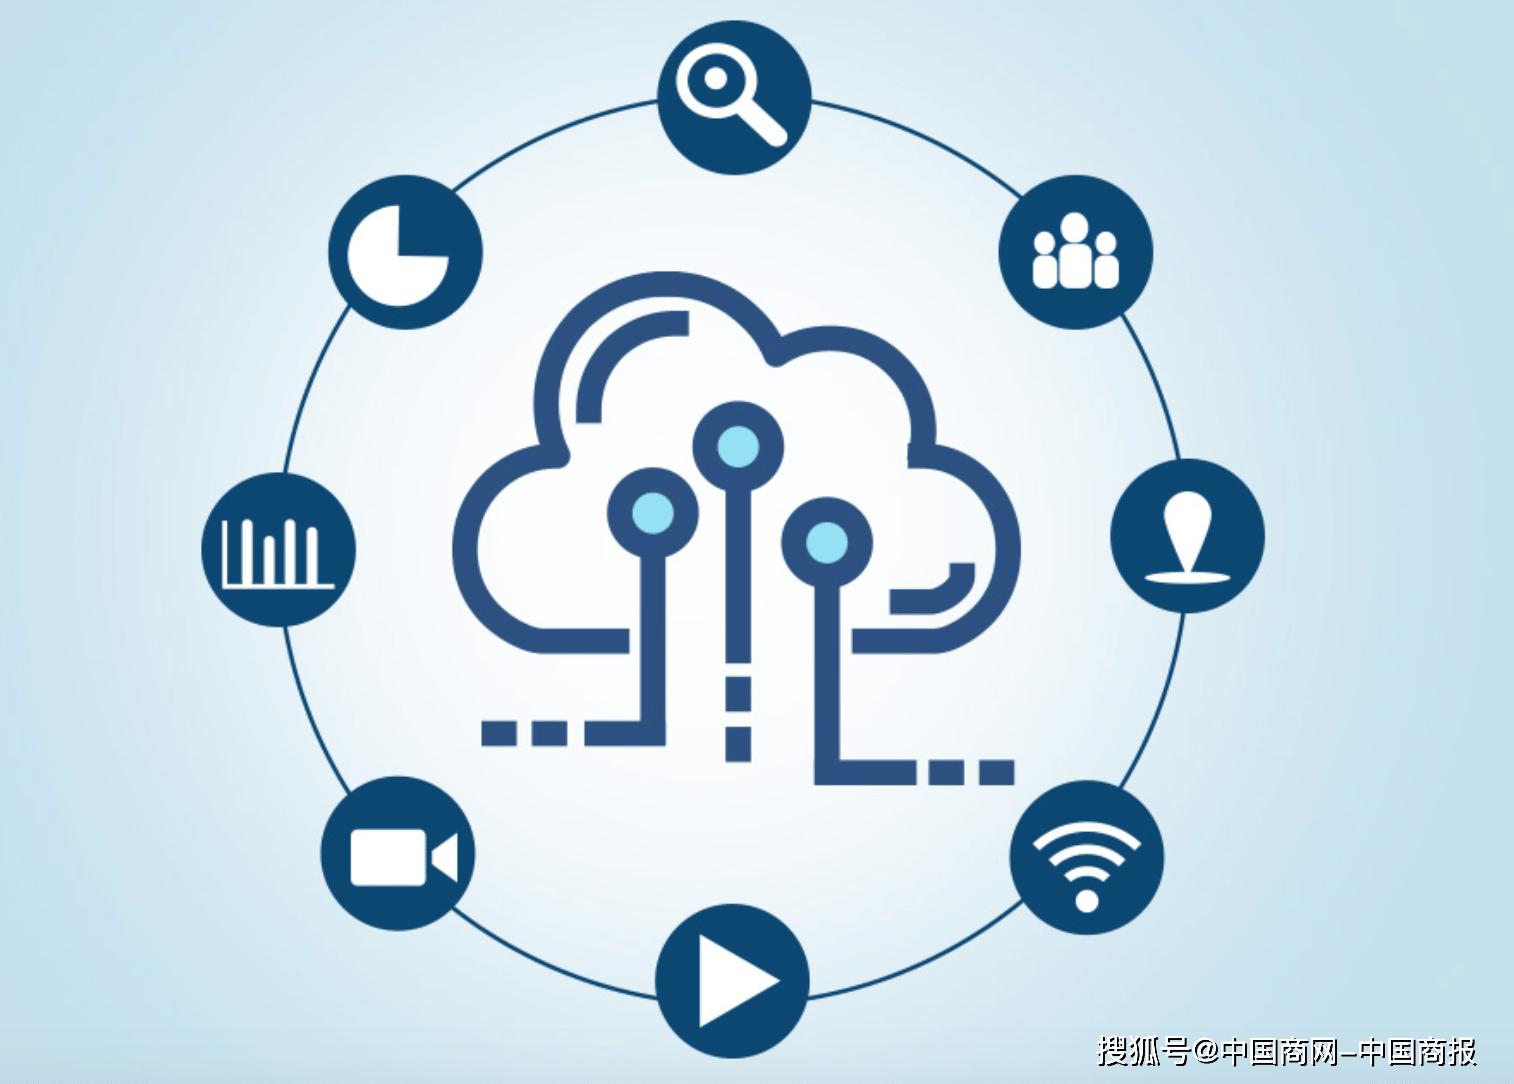 33家中国企业及机构被列入实体清单 美国加速围猎我国科技产业